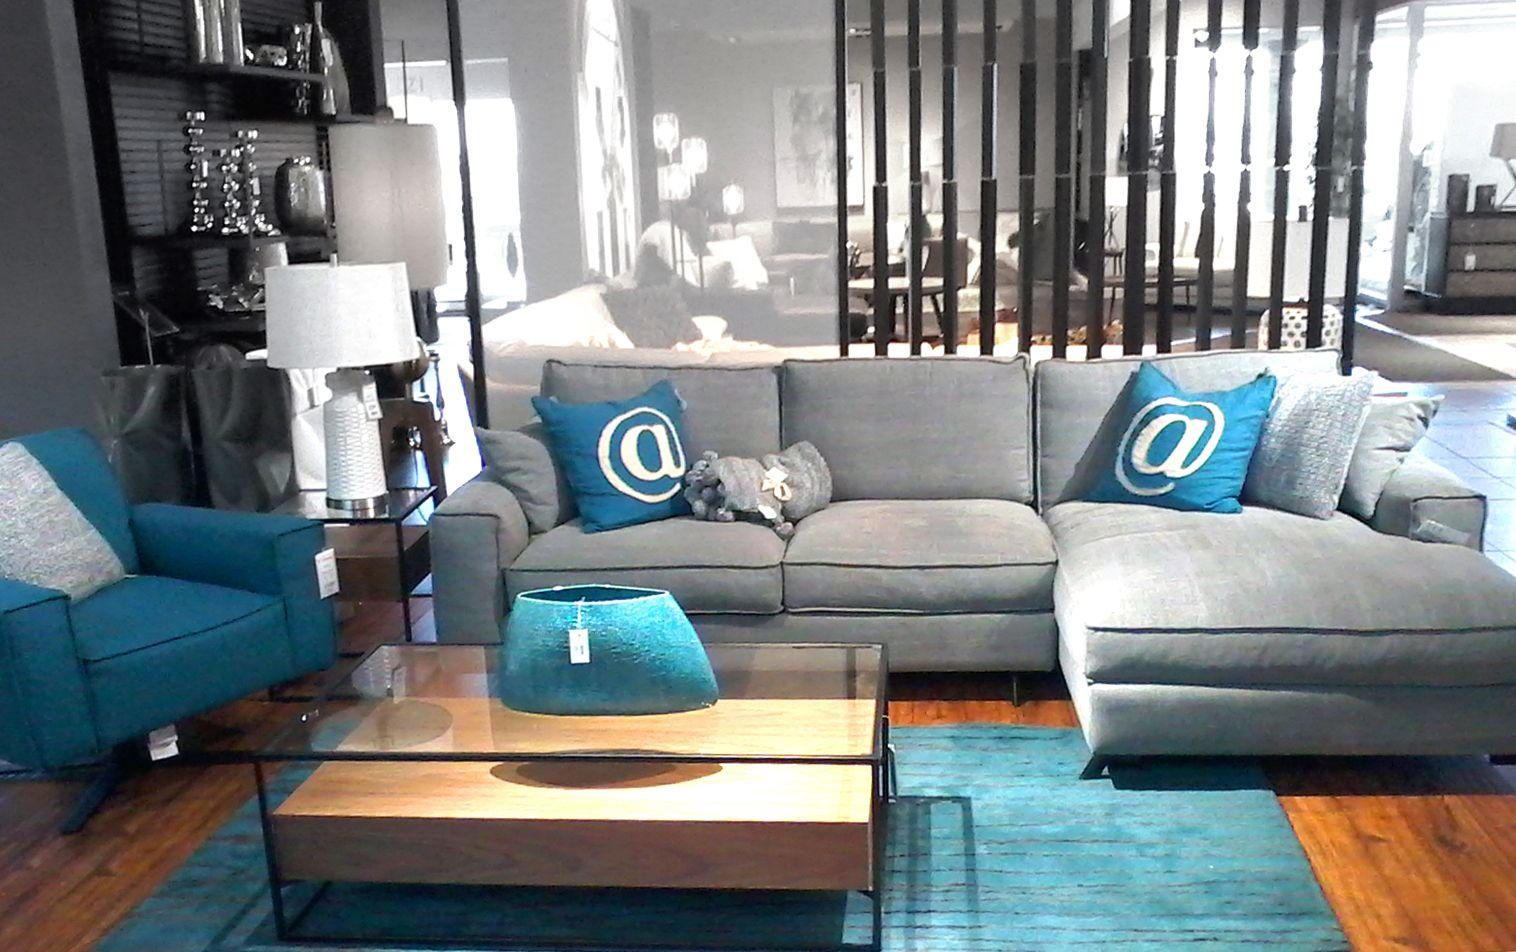 Sectionnel Chaise Longue En Tissu Gris Avec Coussin Turquoises Fauteuil Assorti De Couleur Turquoise Tendance2018 Mobilierc Home Sectional Couch Home Decor